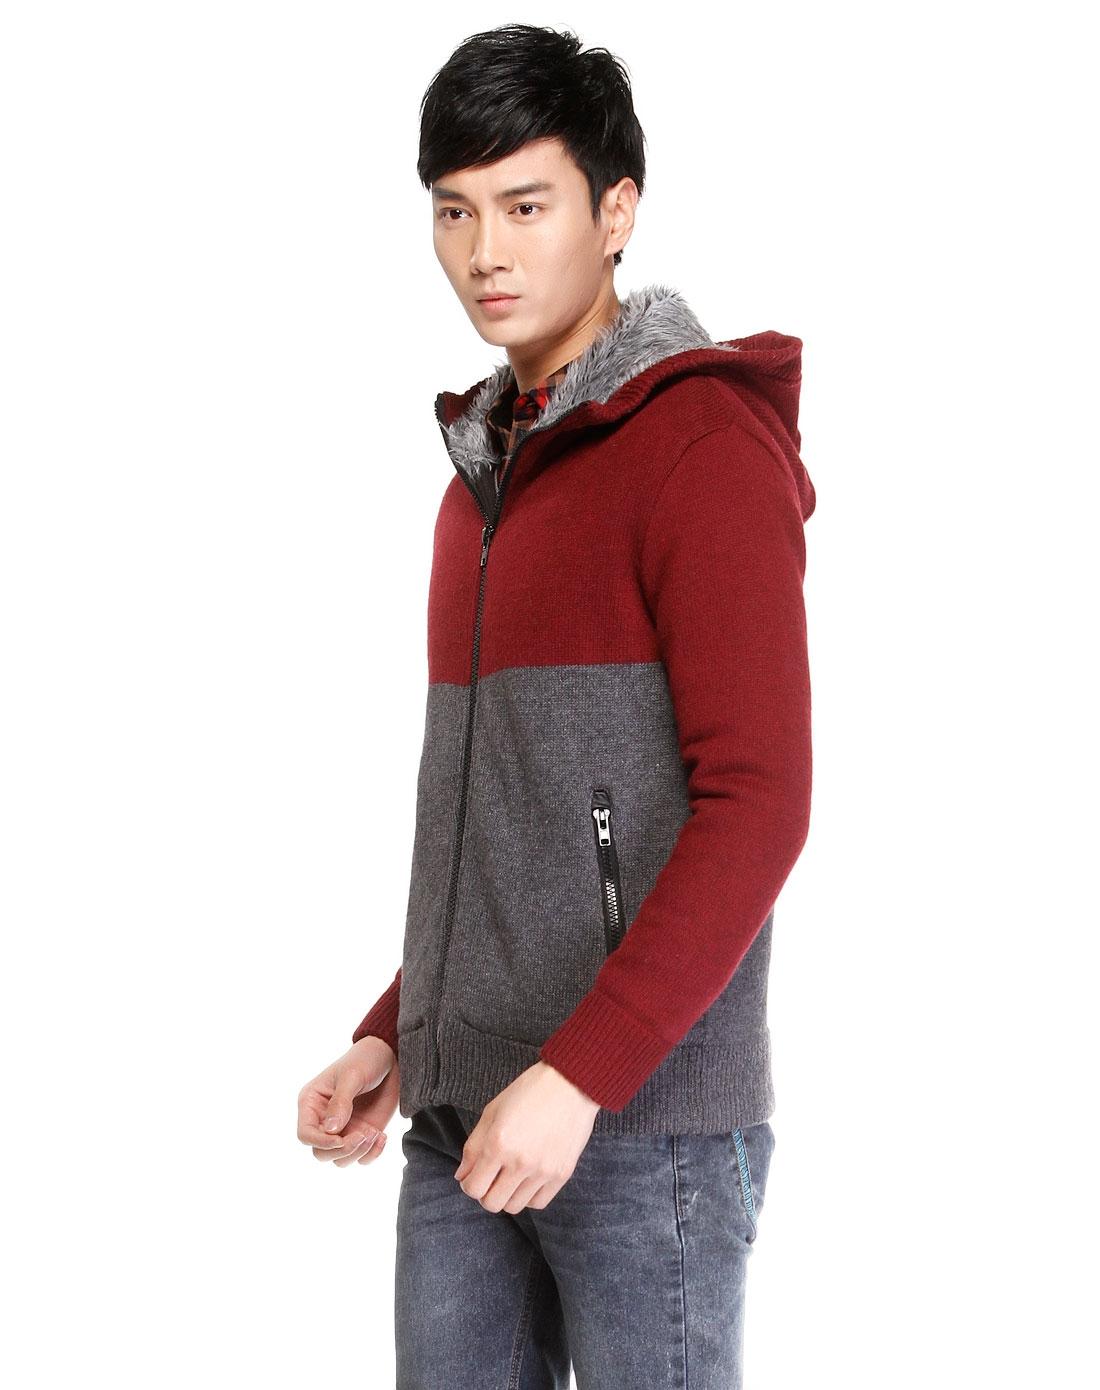 男款酒红色带帽长袖毛衣外套